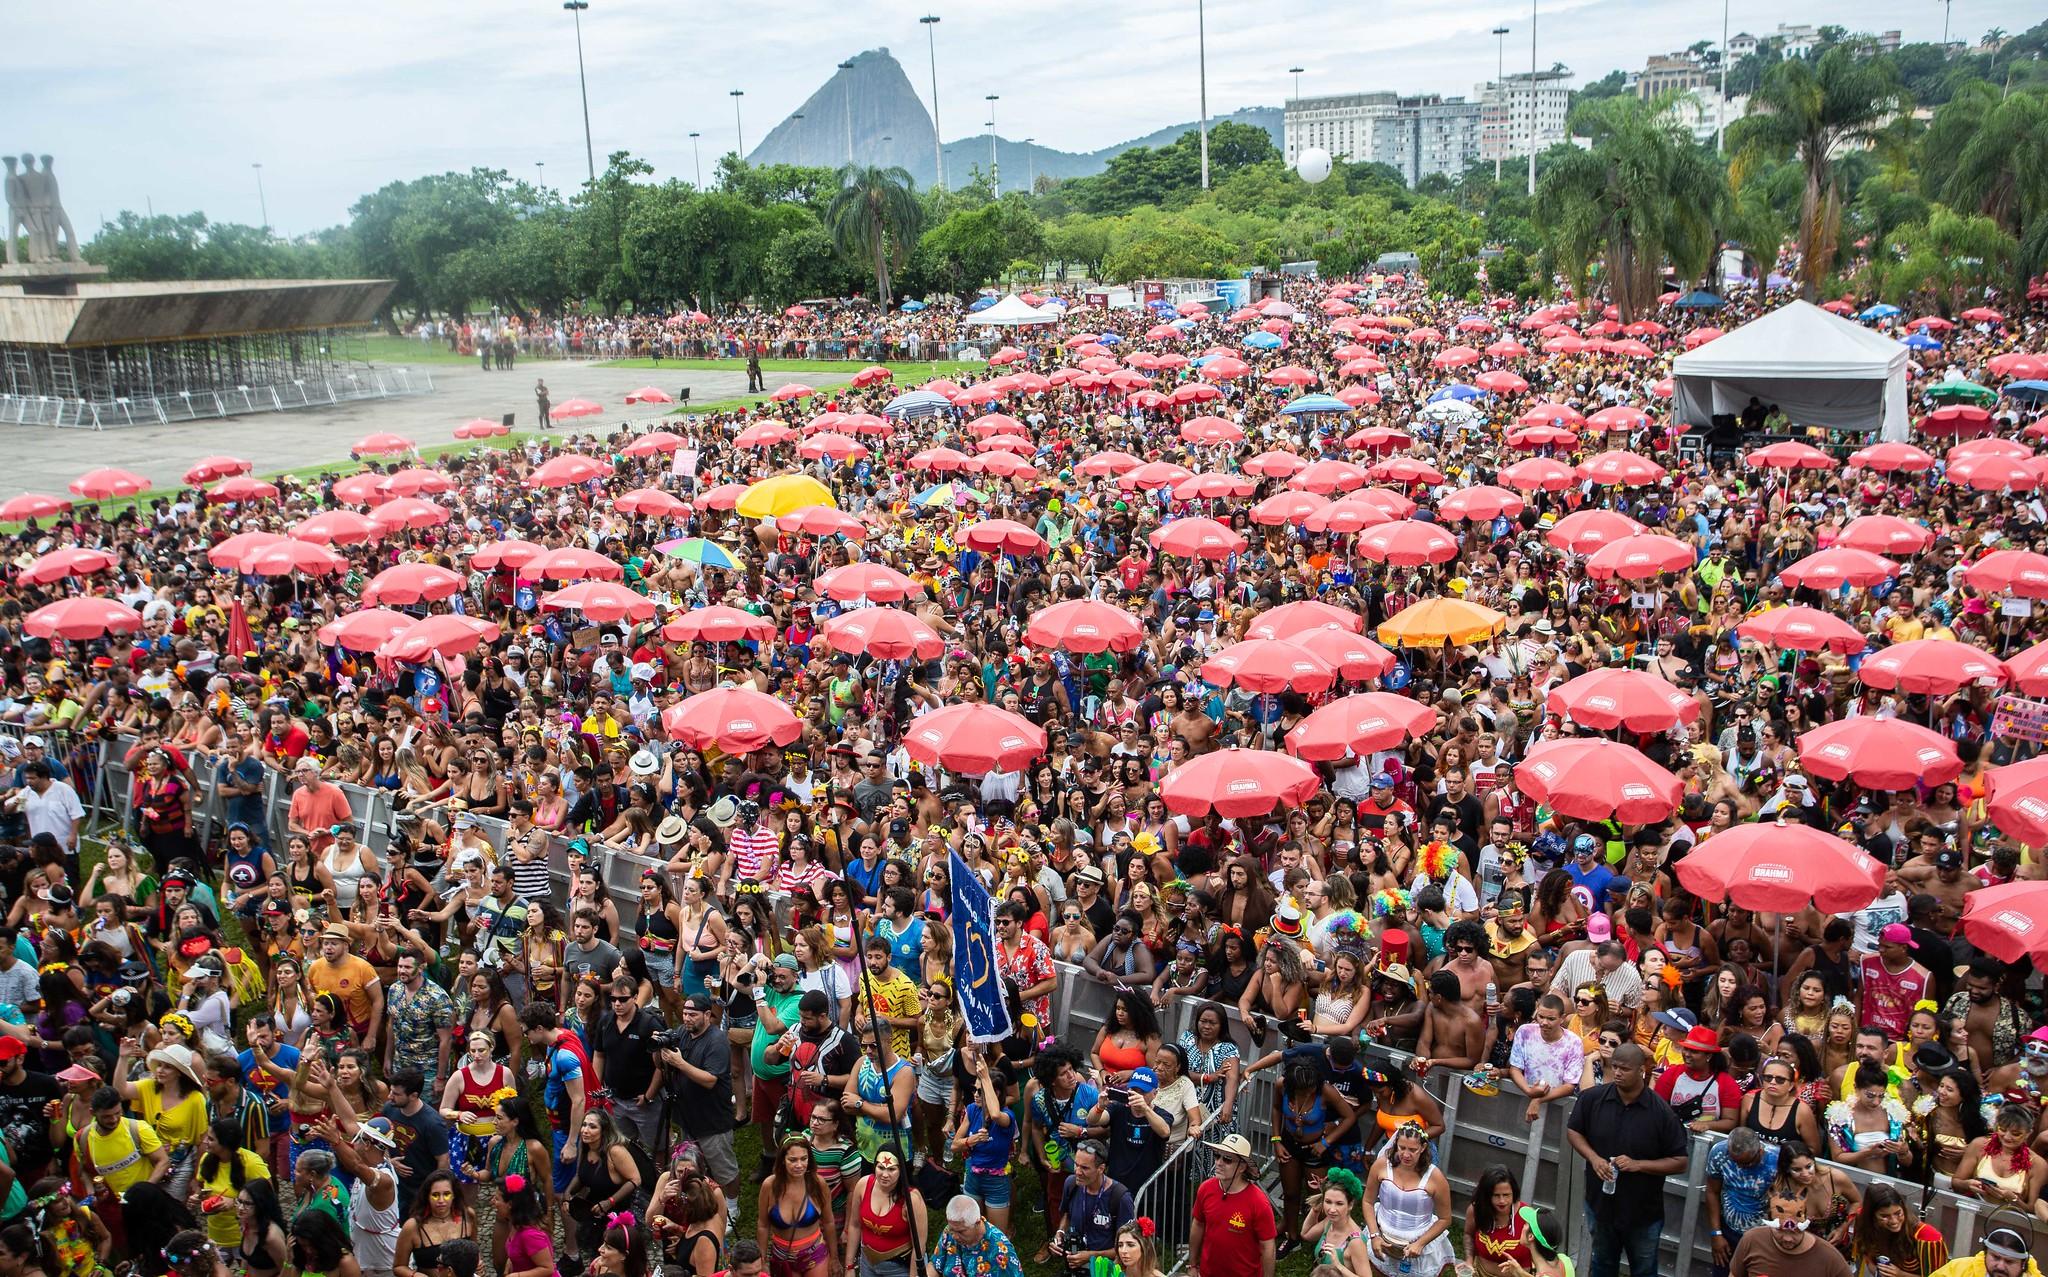 Imagem mostra foliões aglomerados em um bloco de carnaval no aterro do flamengo